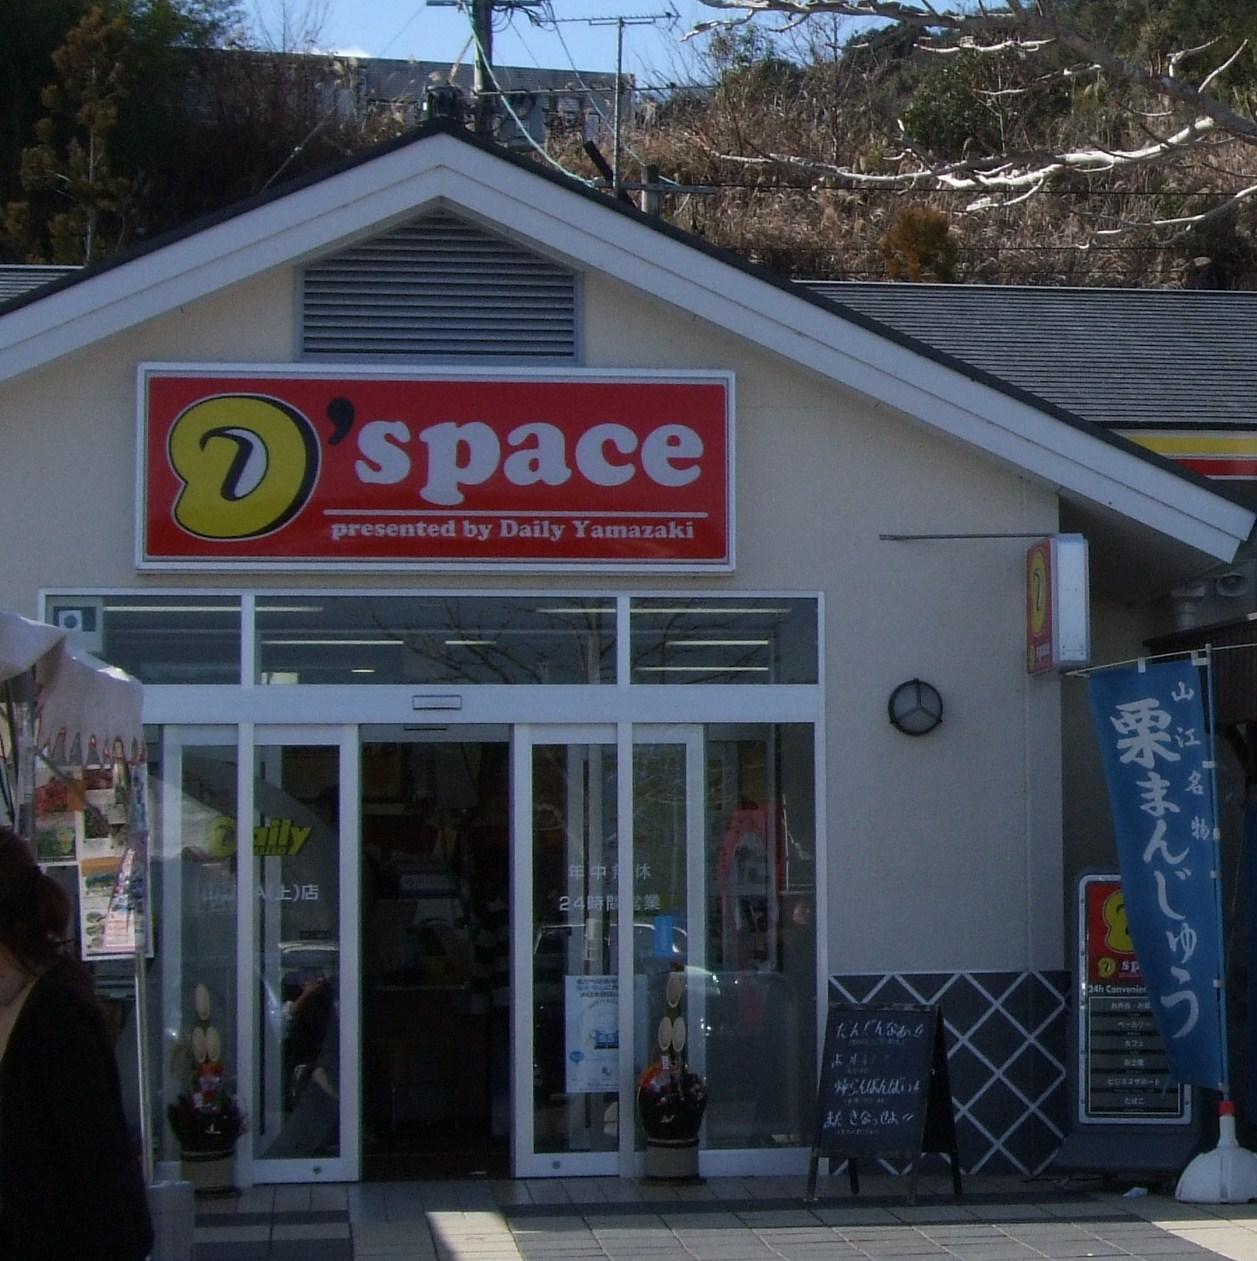 デイリーヤマザキD'Space 山江SA上り店